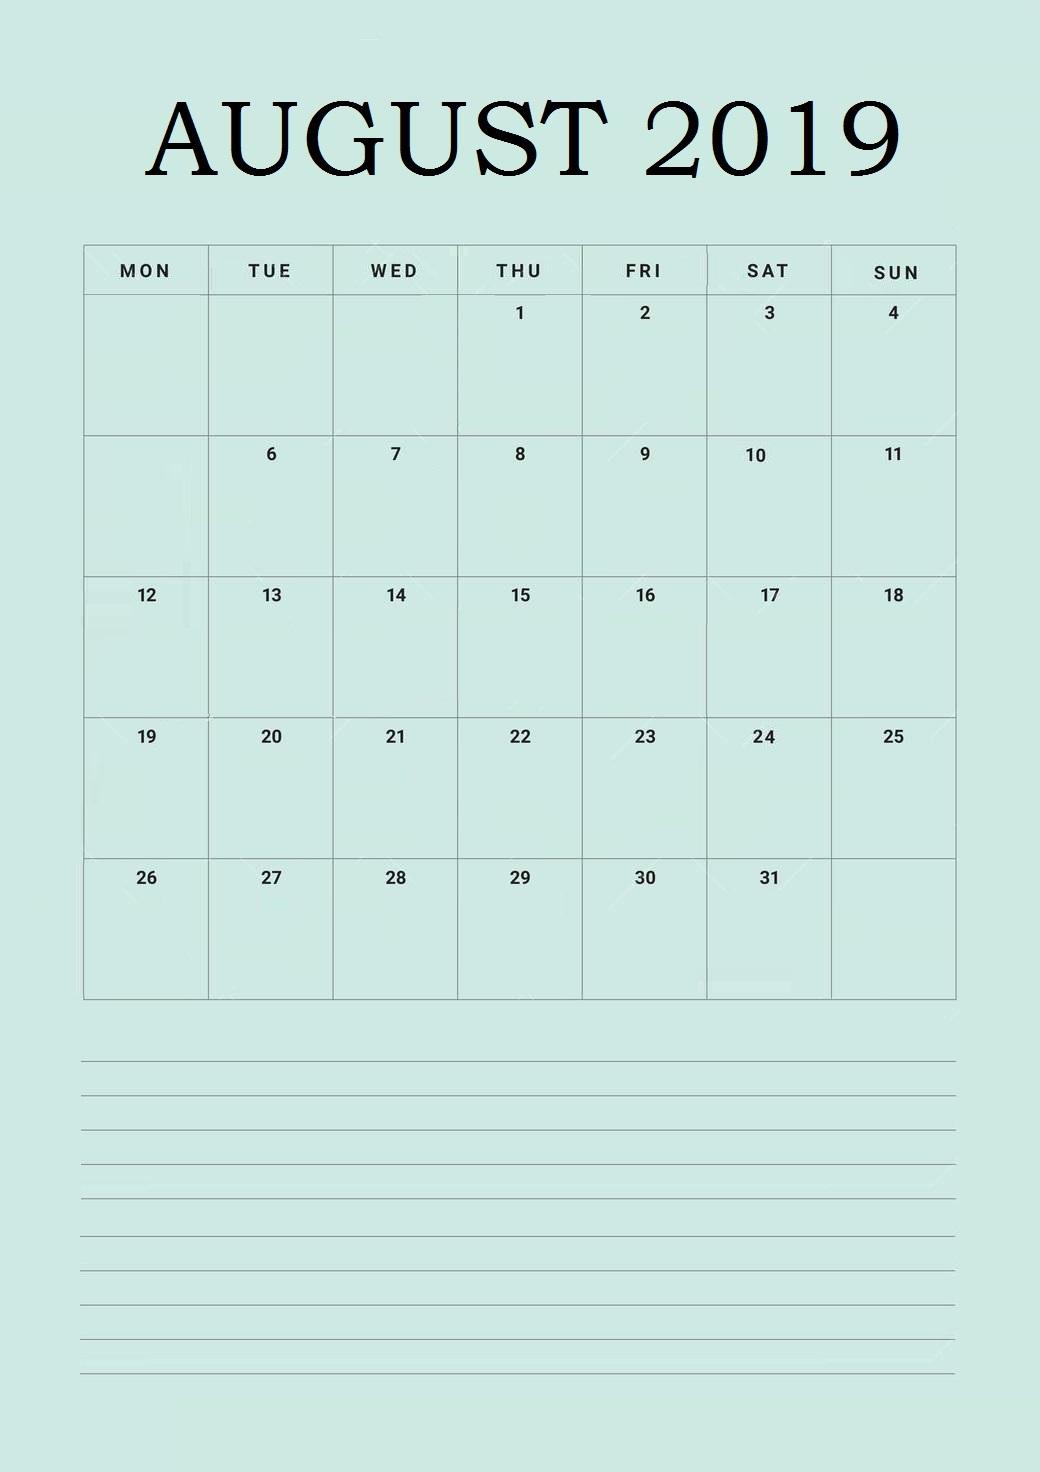 Best August 2019 Wall Calendar